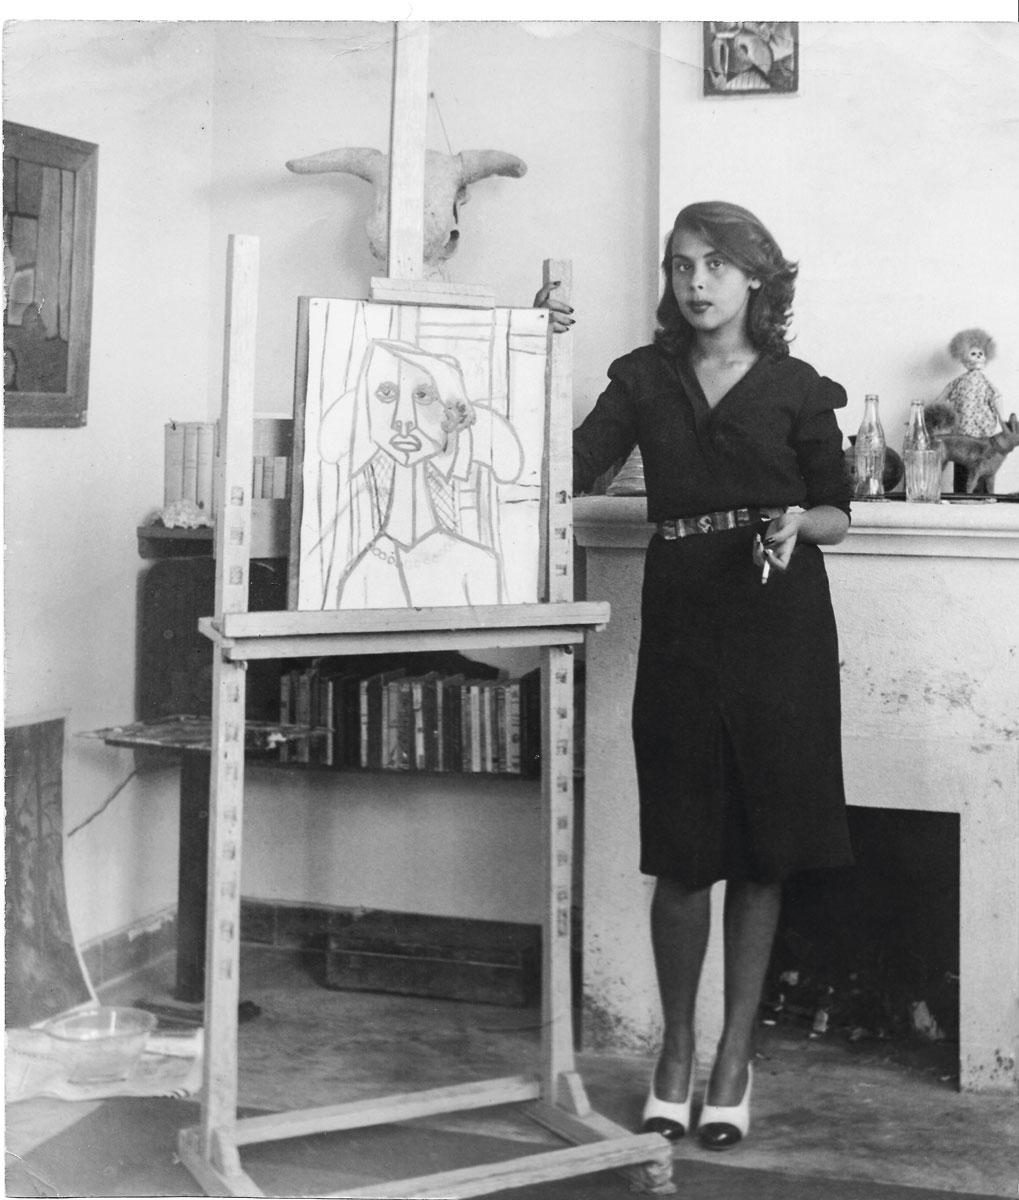 Blanca junto al boceto de su retrato (hoy desaparecido). Una pintura de Fernando de Szyszlo, de mediados de los años cuarenta.